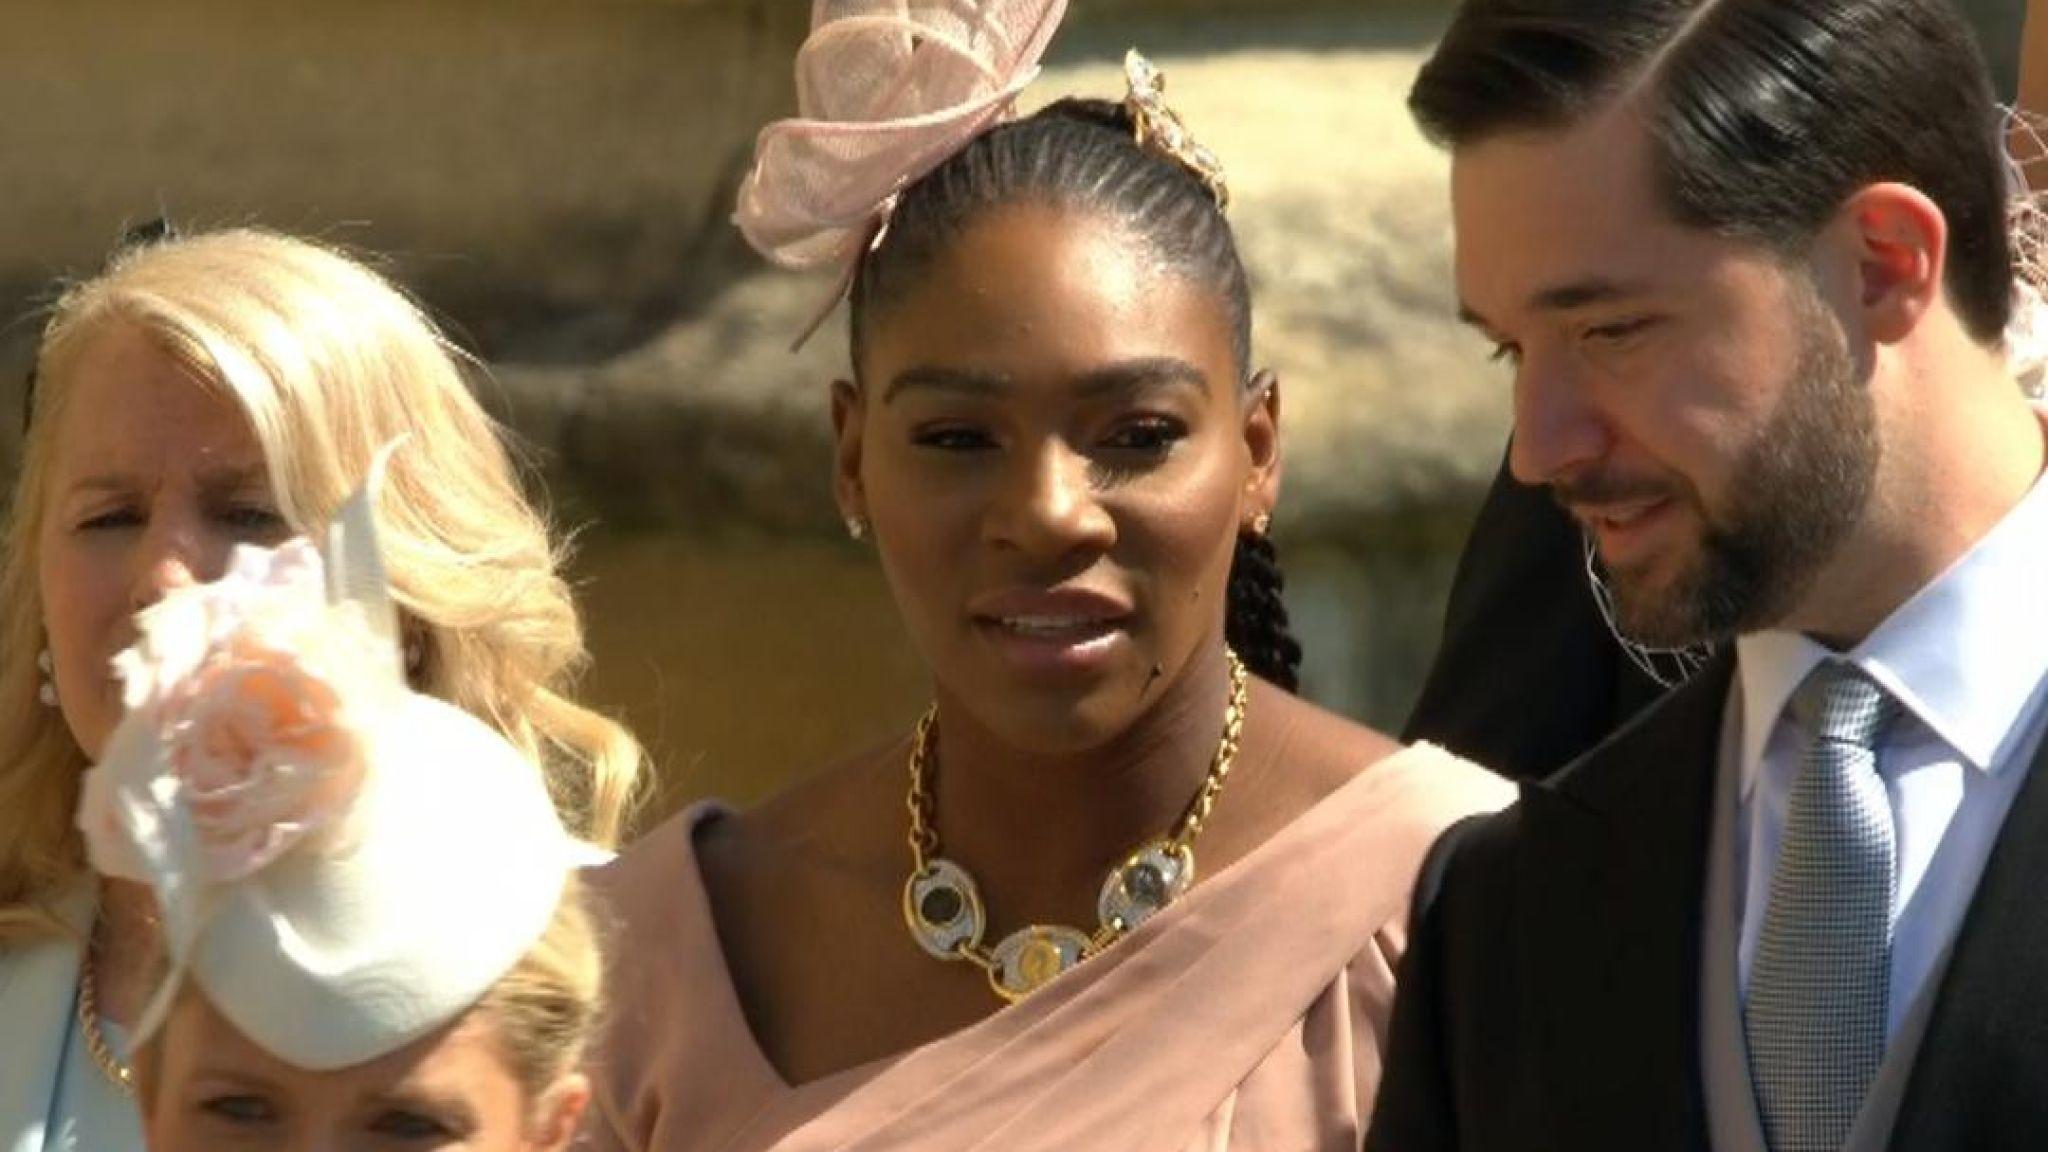 Serena Williams arrives at royal wedding